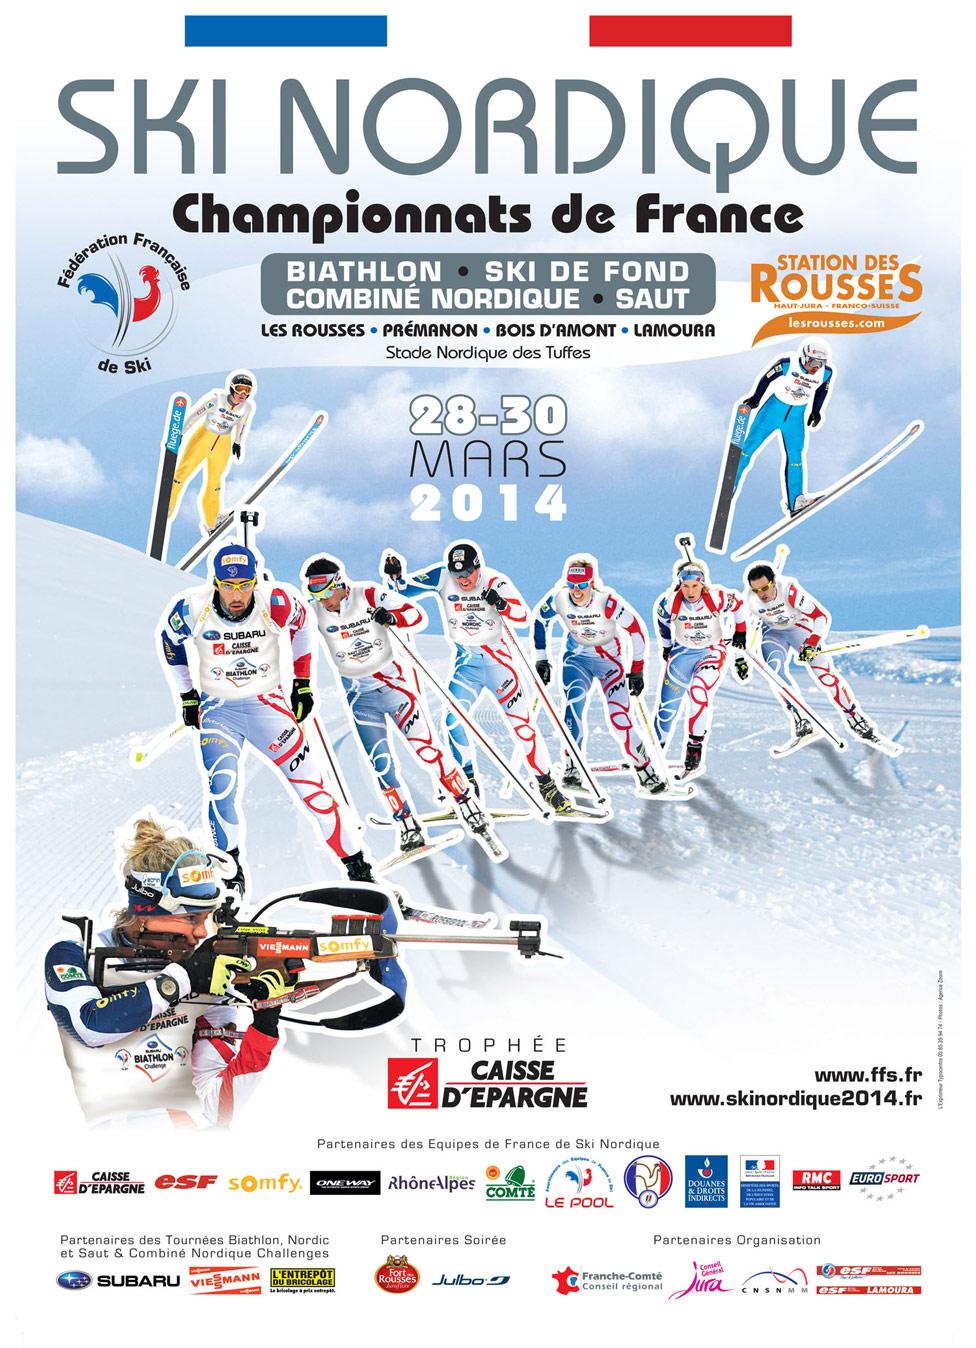 Championnat de ski nordique 2014